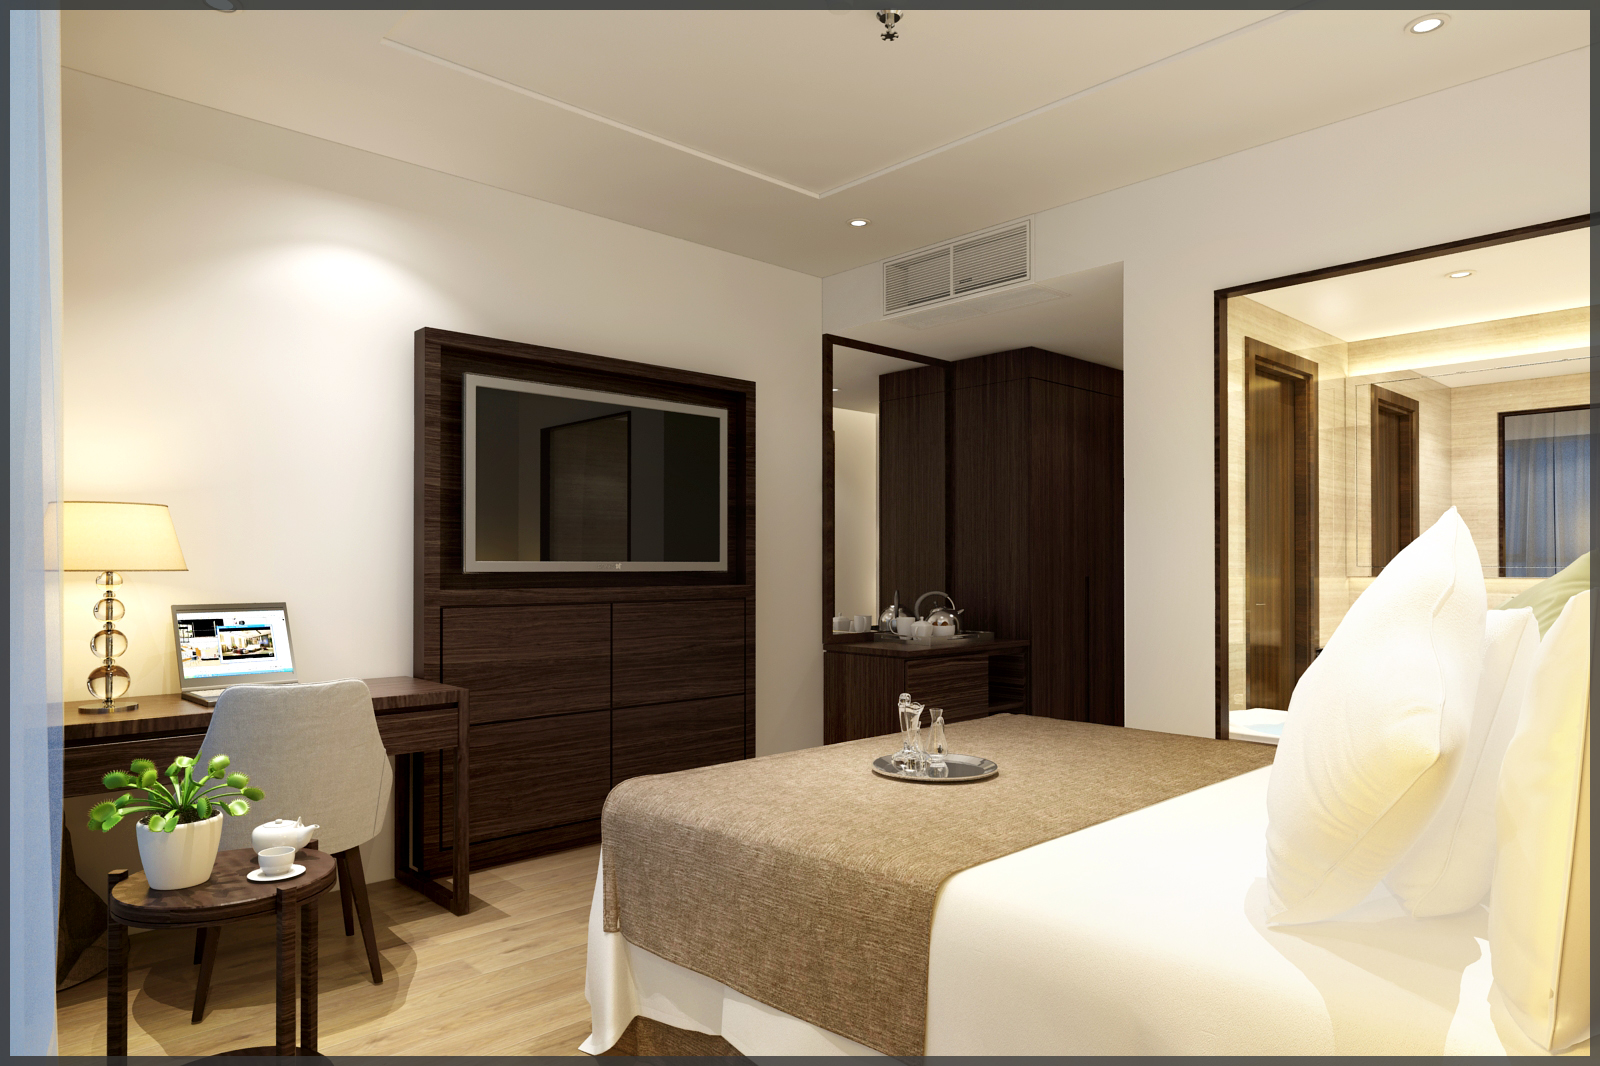 Khách sạn Quảng Bình 3 sao trong tour